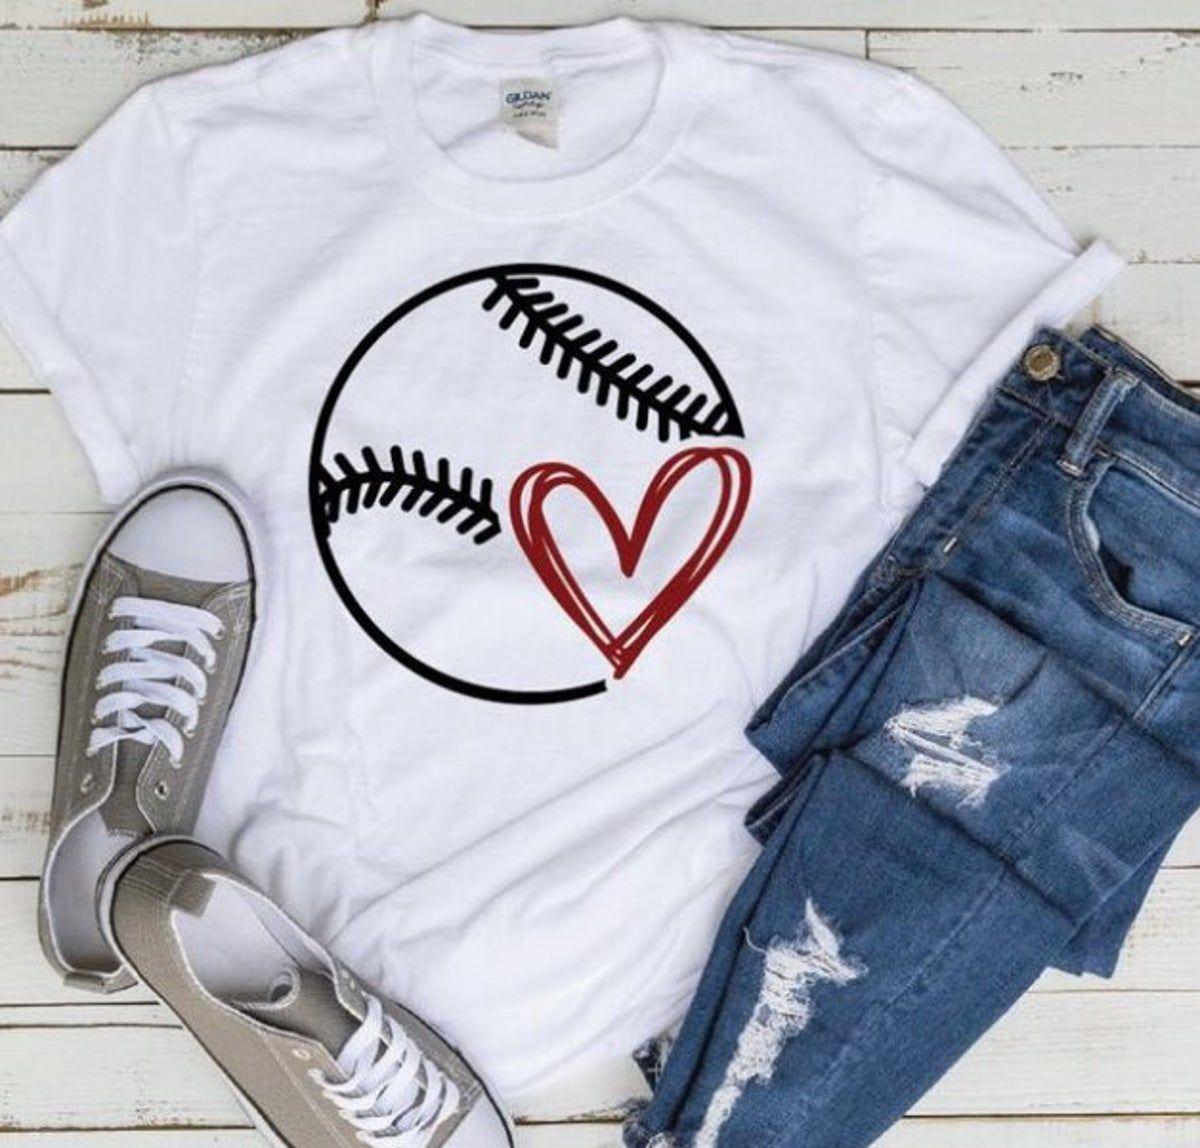 Pin by Samantha Rickman on cricut Baseball tshirts